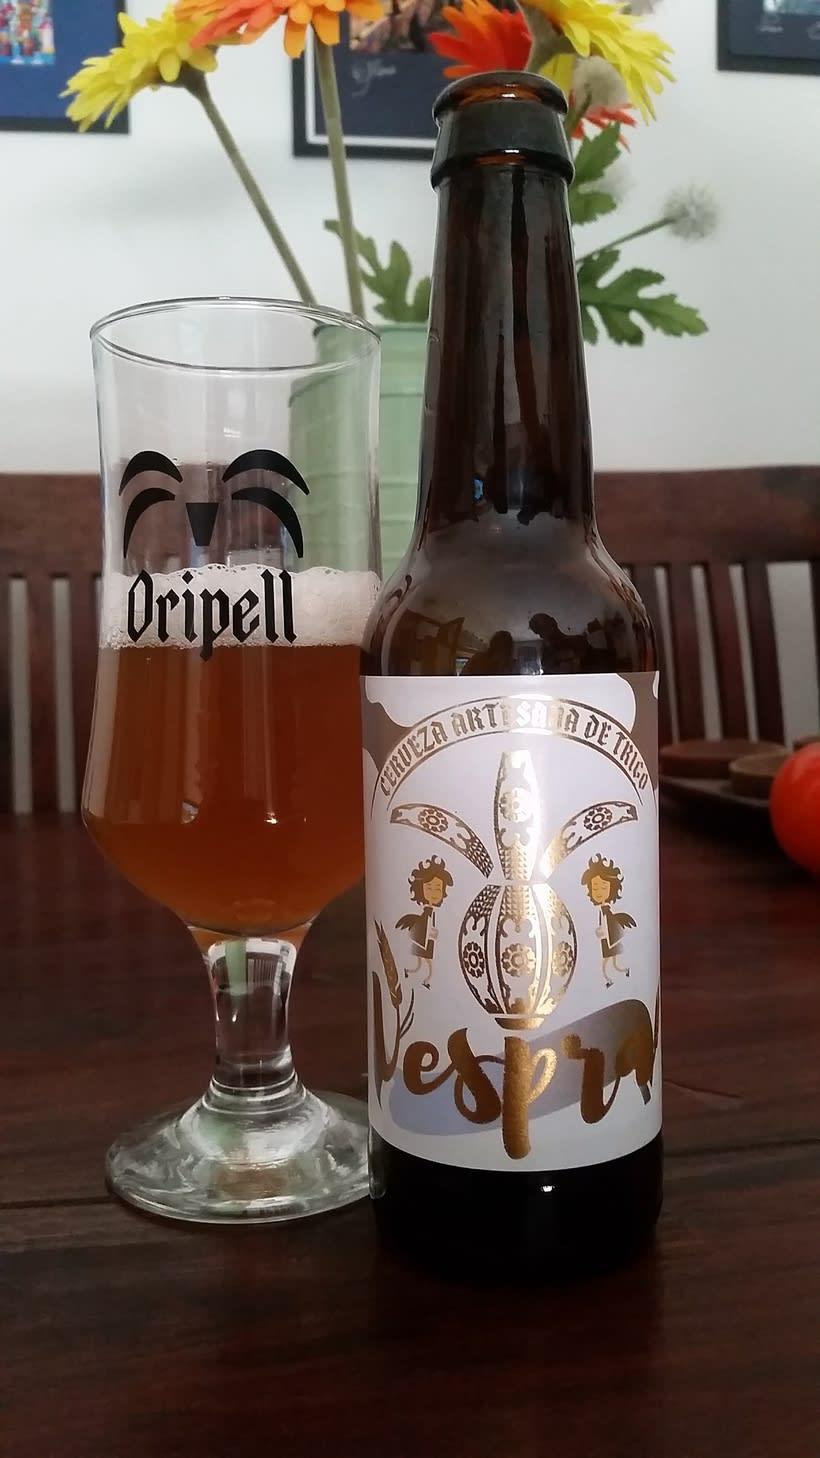 Vespra. Cerveza artesana de trigo. 6